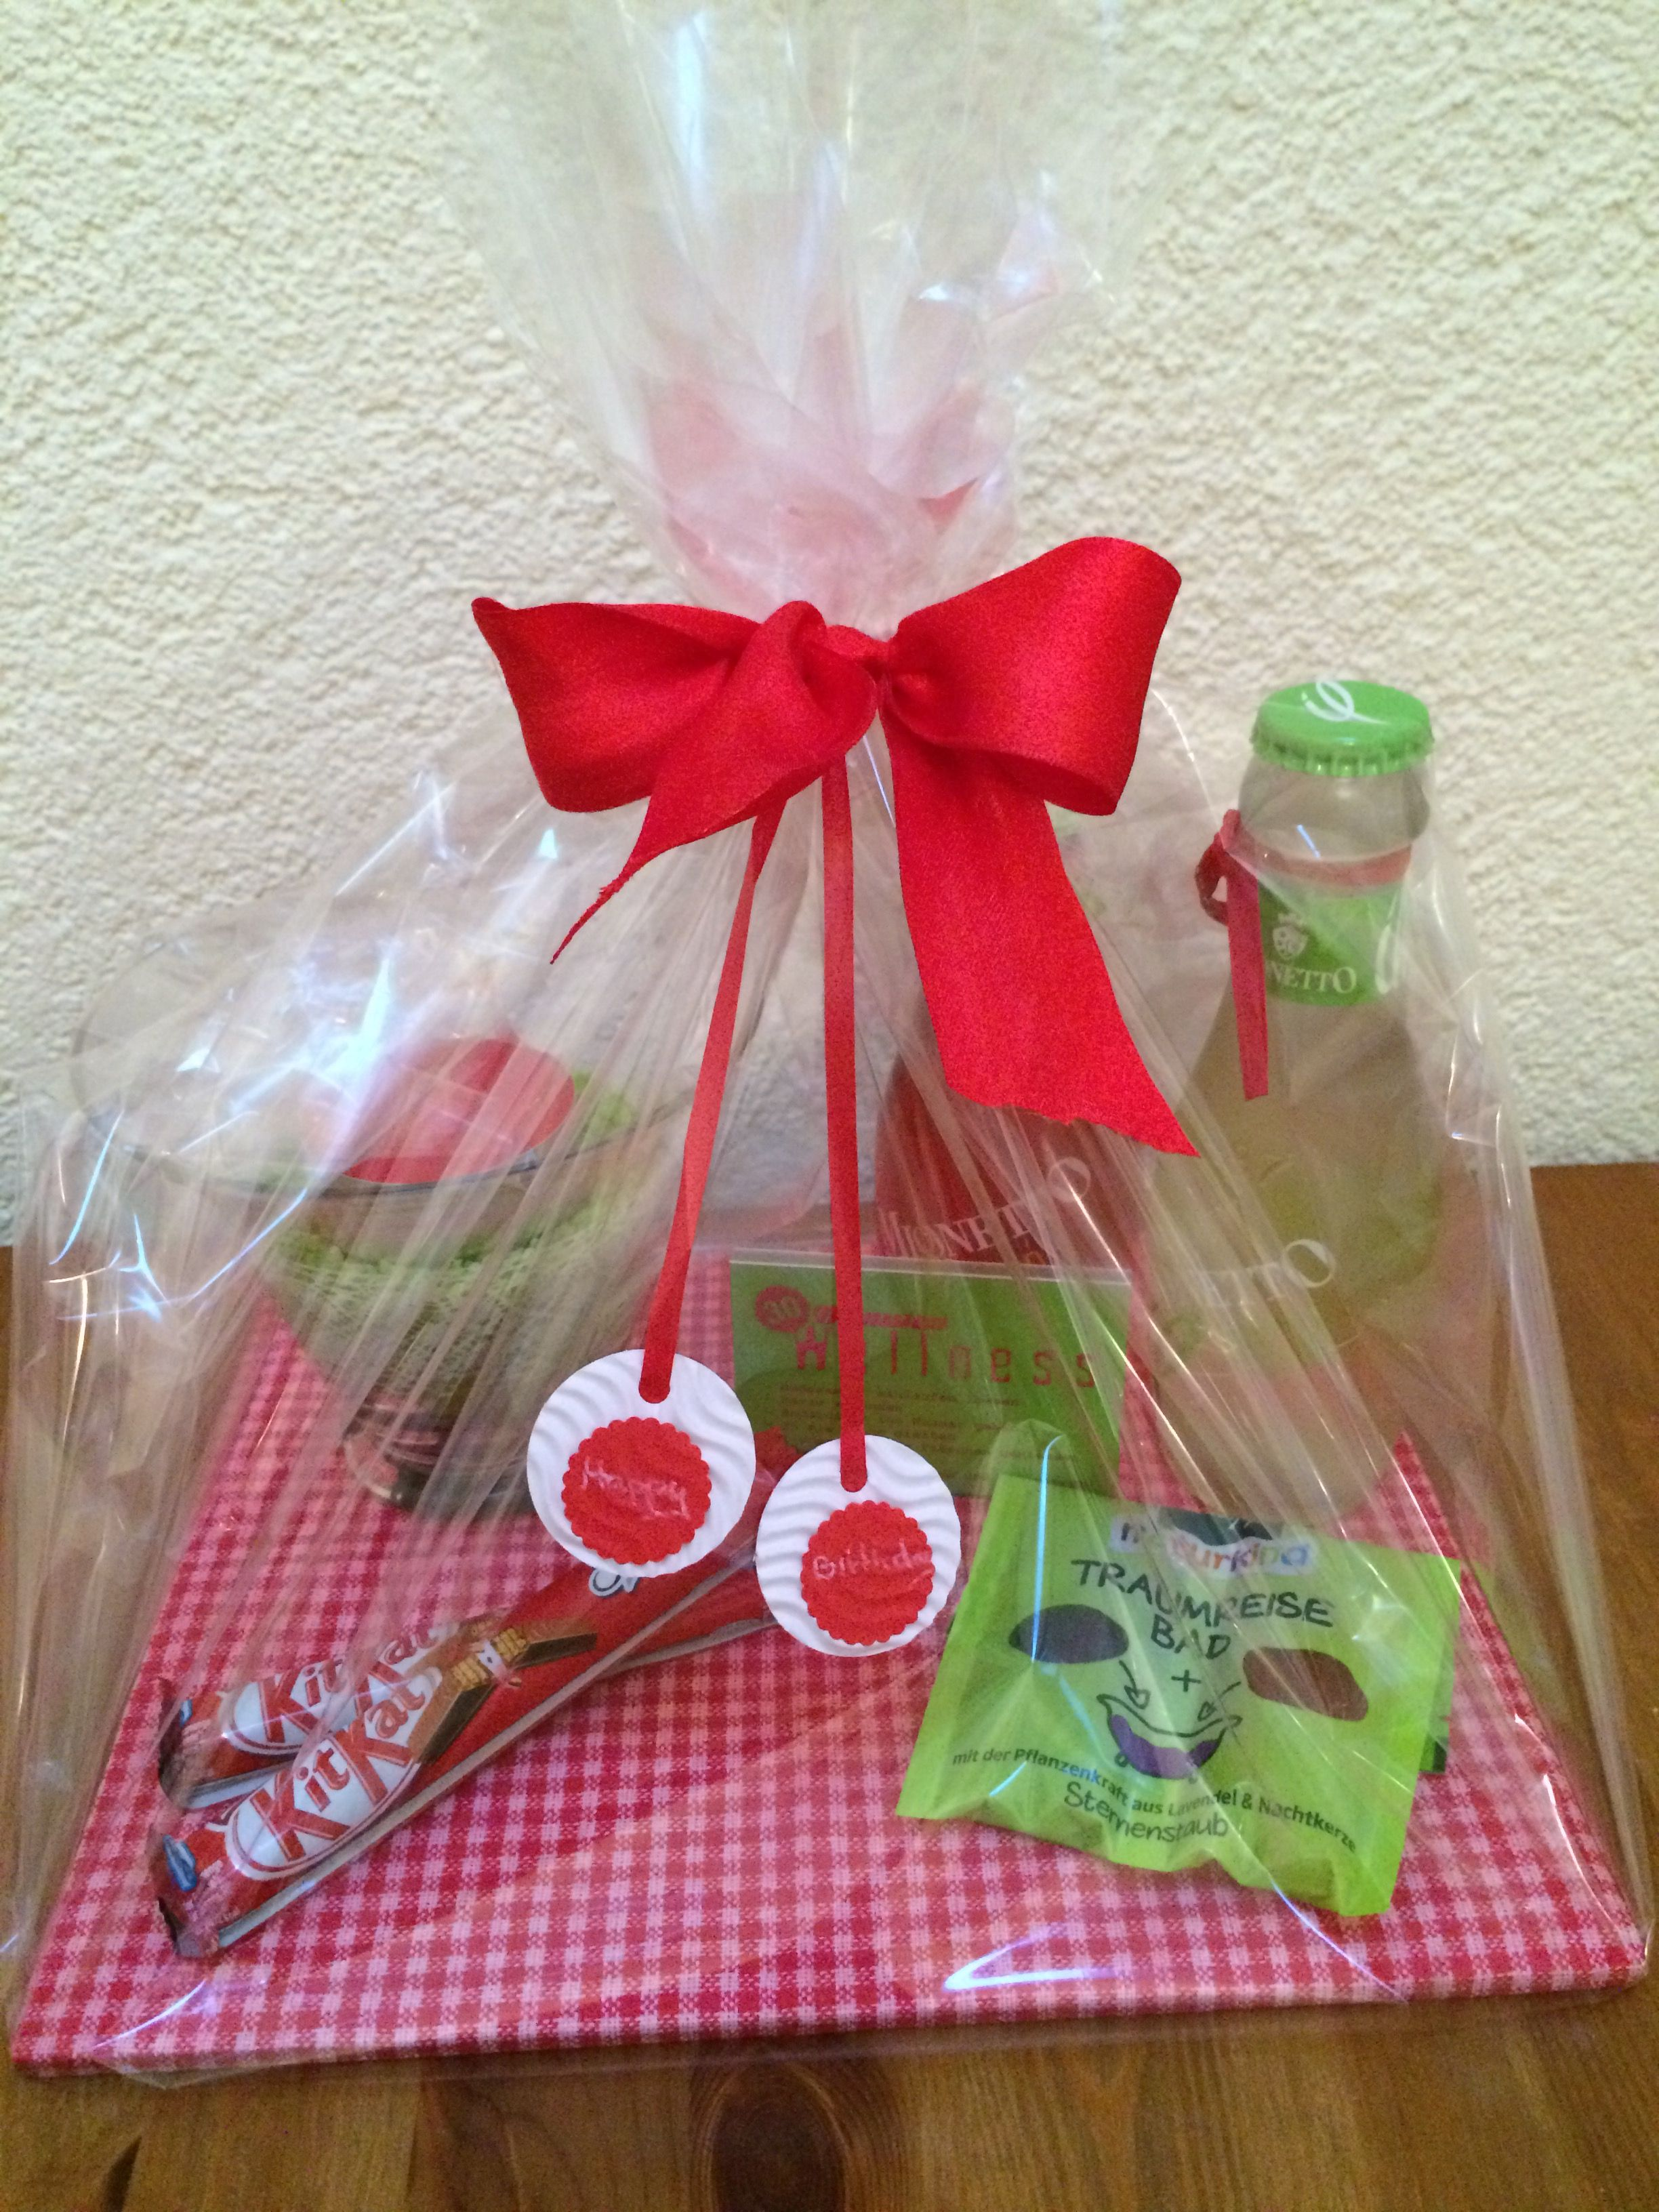 kleines geschenk f r eine liebe freundin 30 minuten wellness f r die frau geschenke. Black Bedroom Furniture Sets. Home Design Ideas